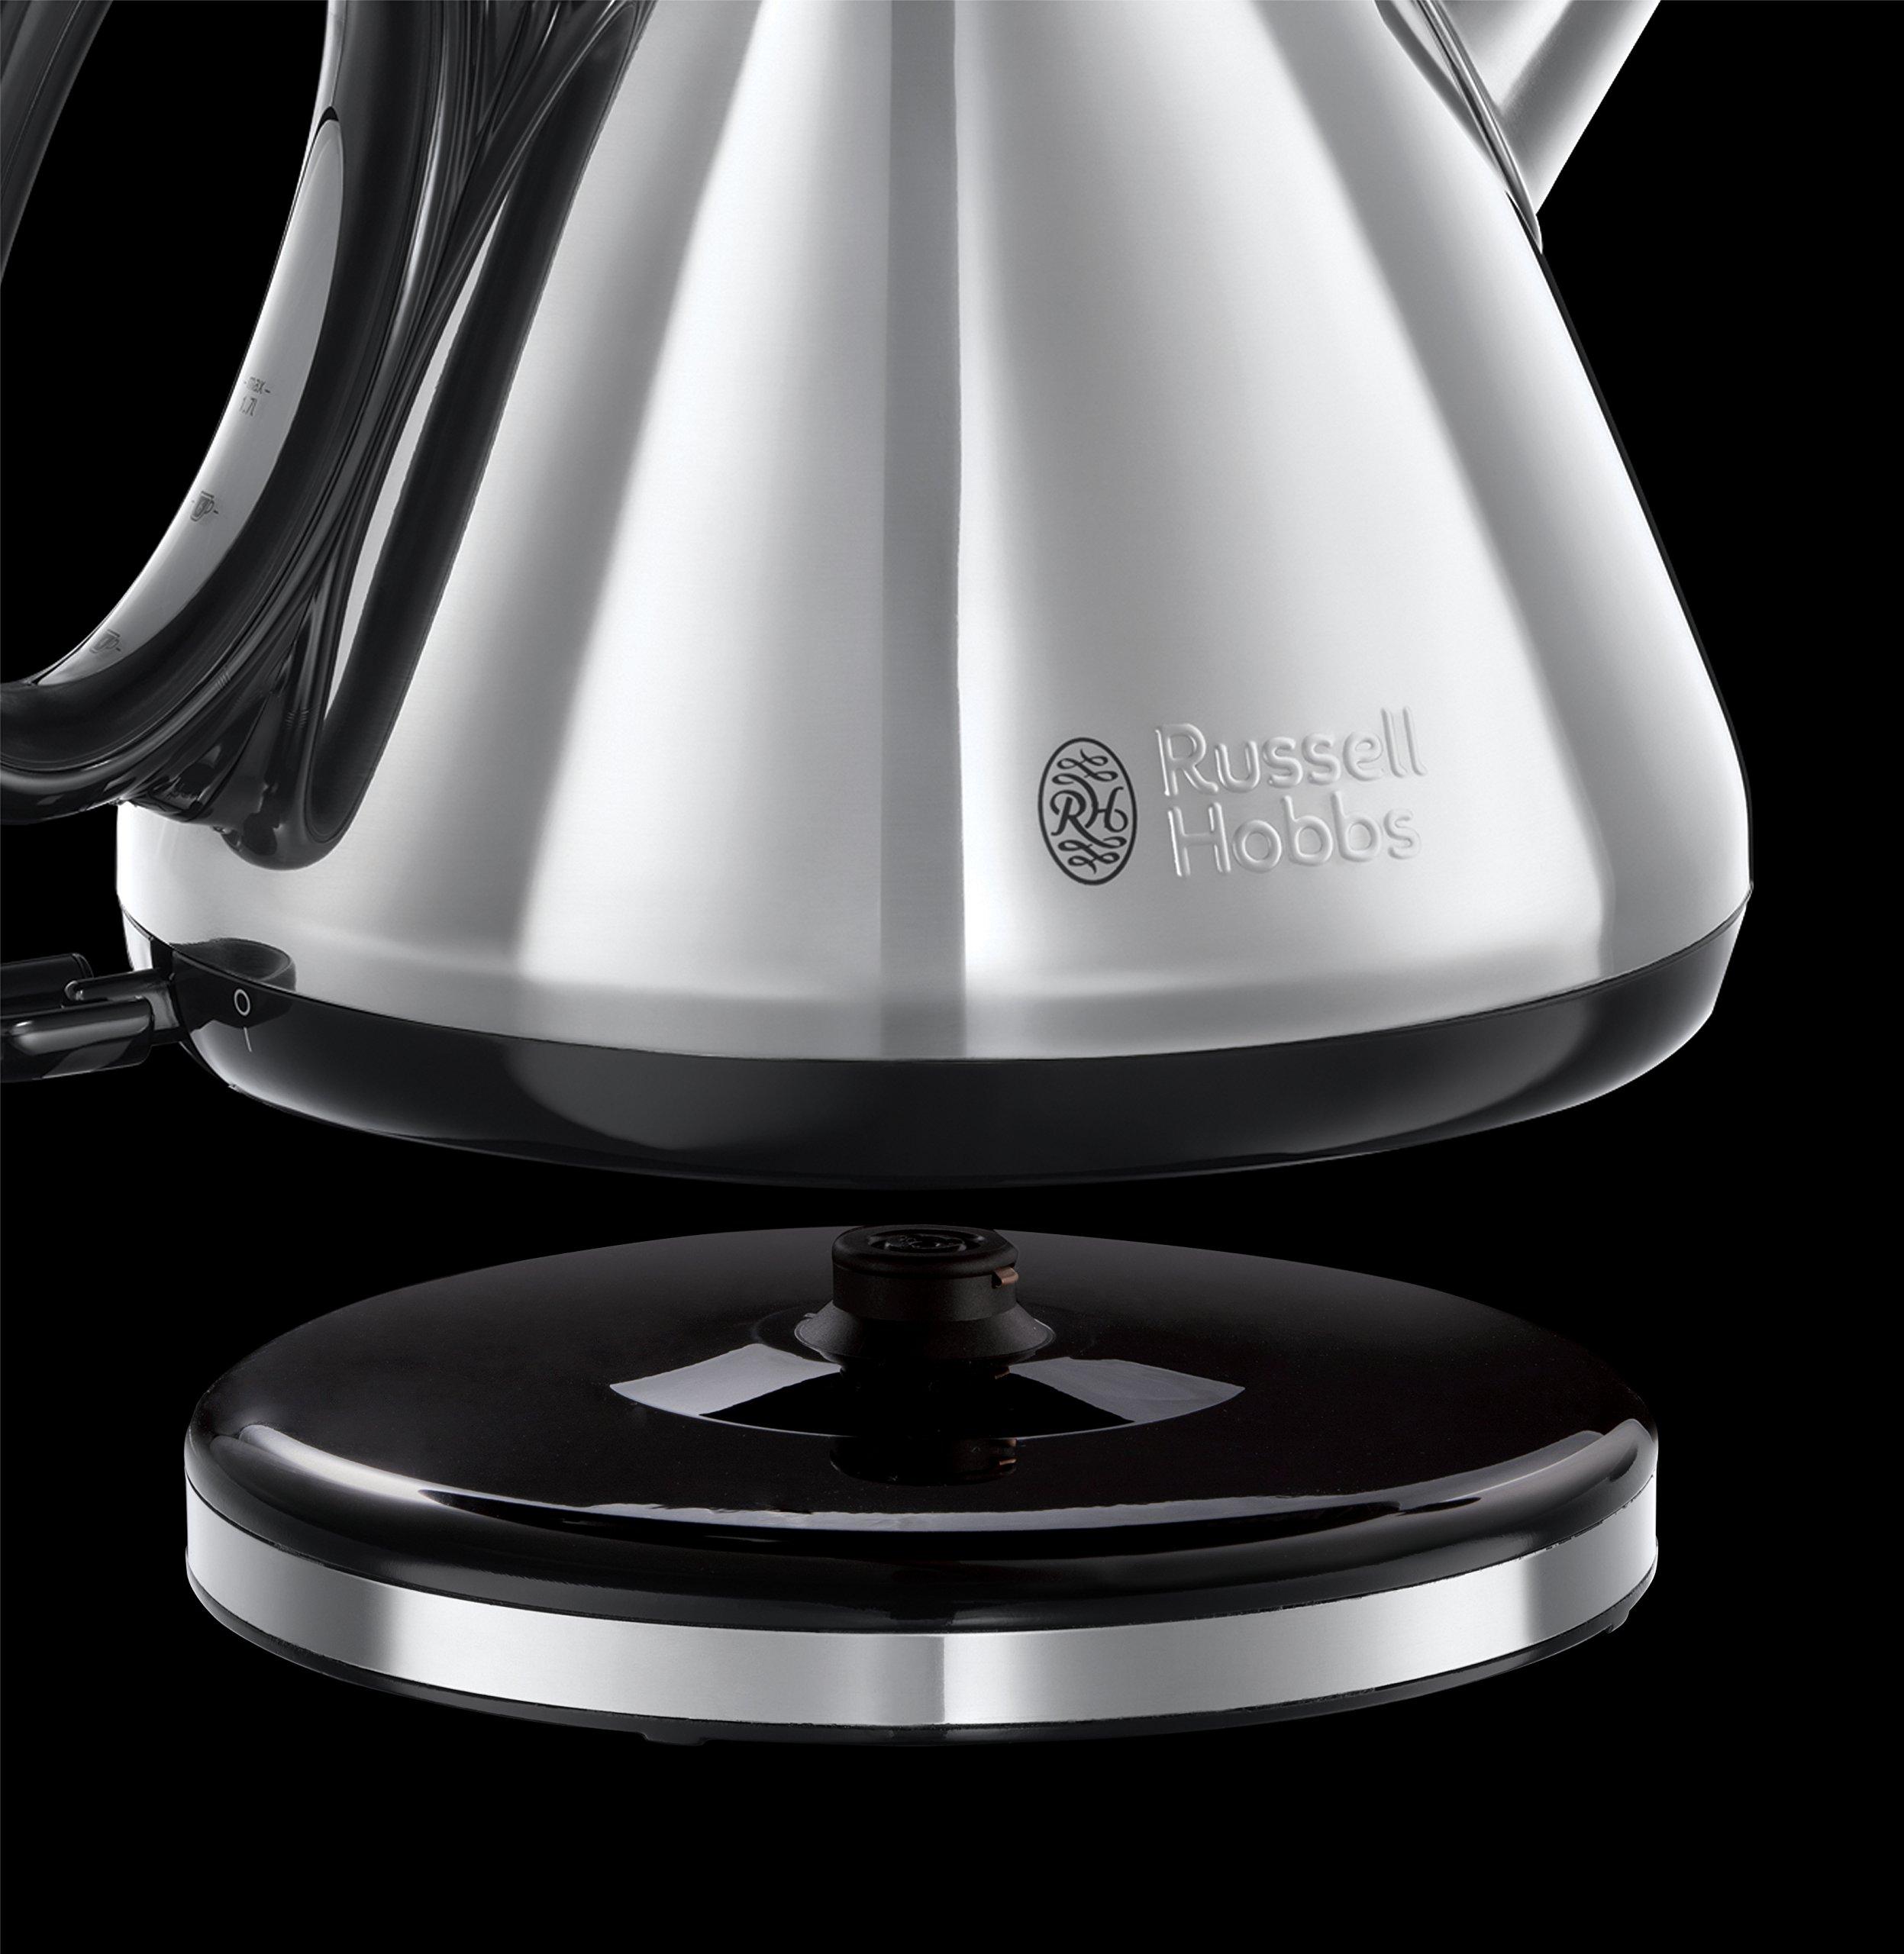 Russell-Hobbs-21280-70-Legacy-Wasserkocher-innovativer-Griff-fr-einfaches-komfortables-Ausgieen-und-Tragen-17-L-2400-W